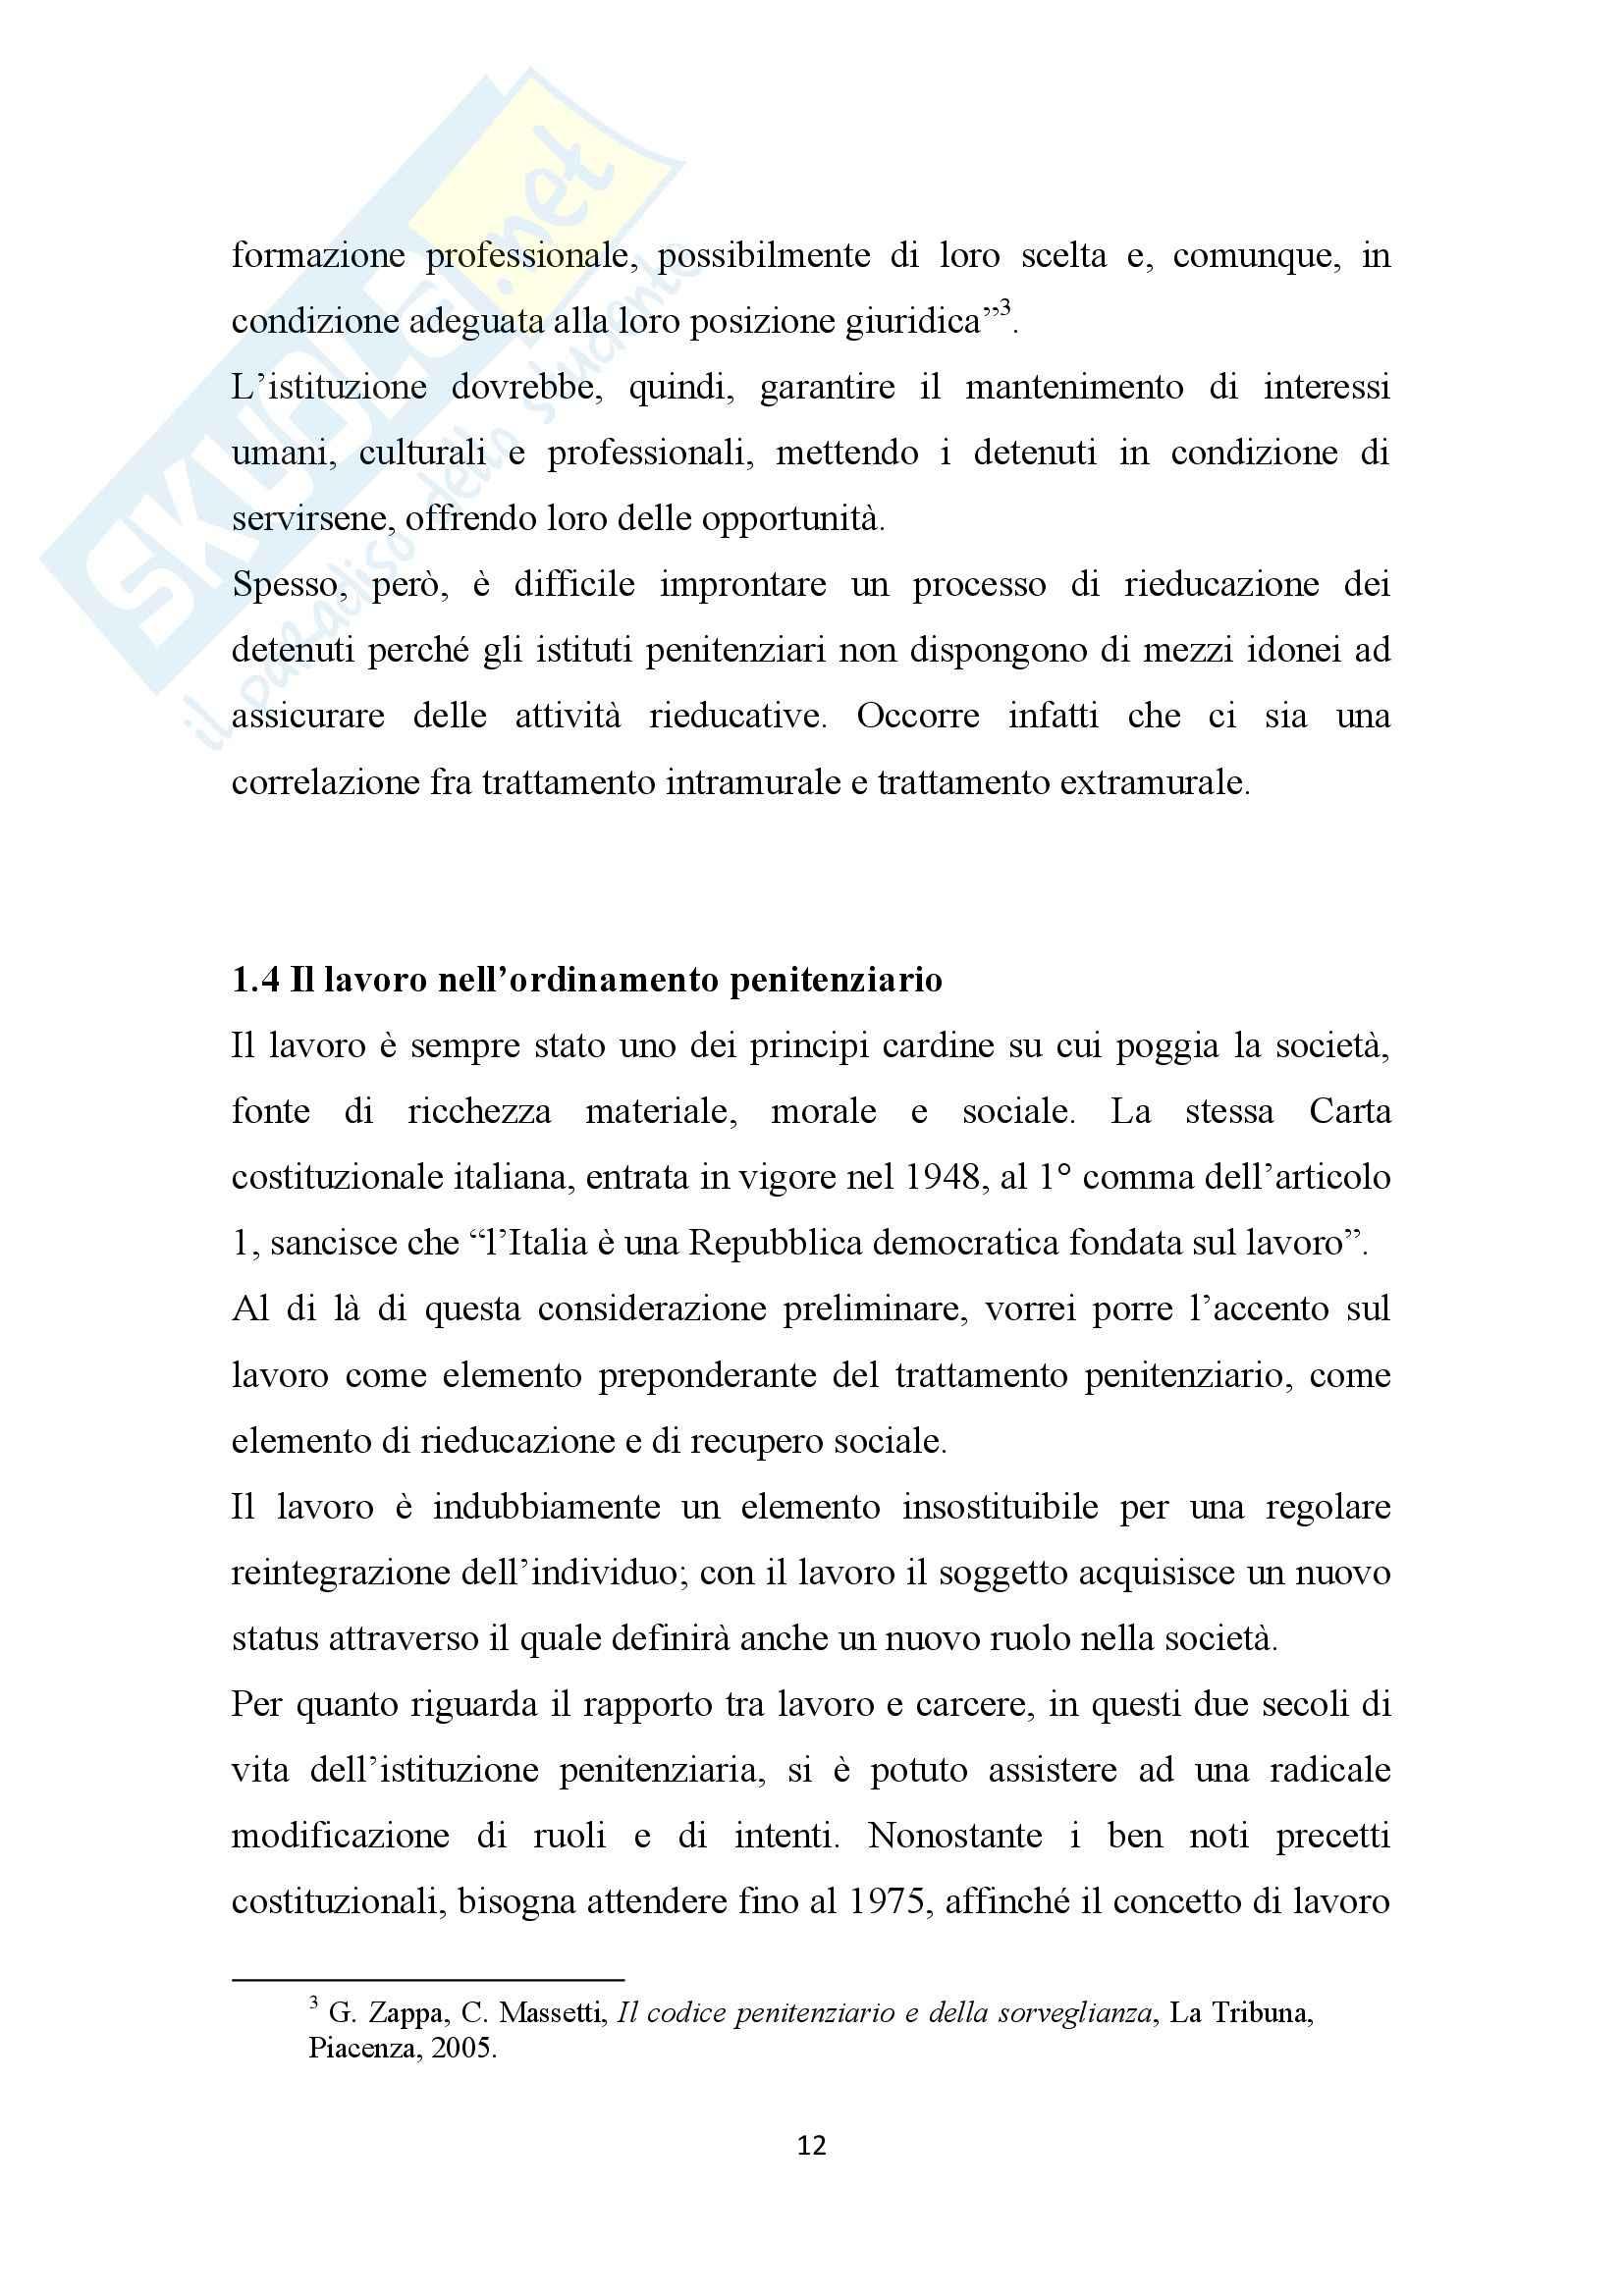 Tesi, Il carcere: luogo di riabilitazione o scuola di criminalità Pag. 16